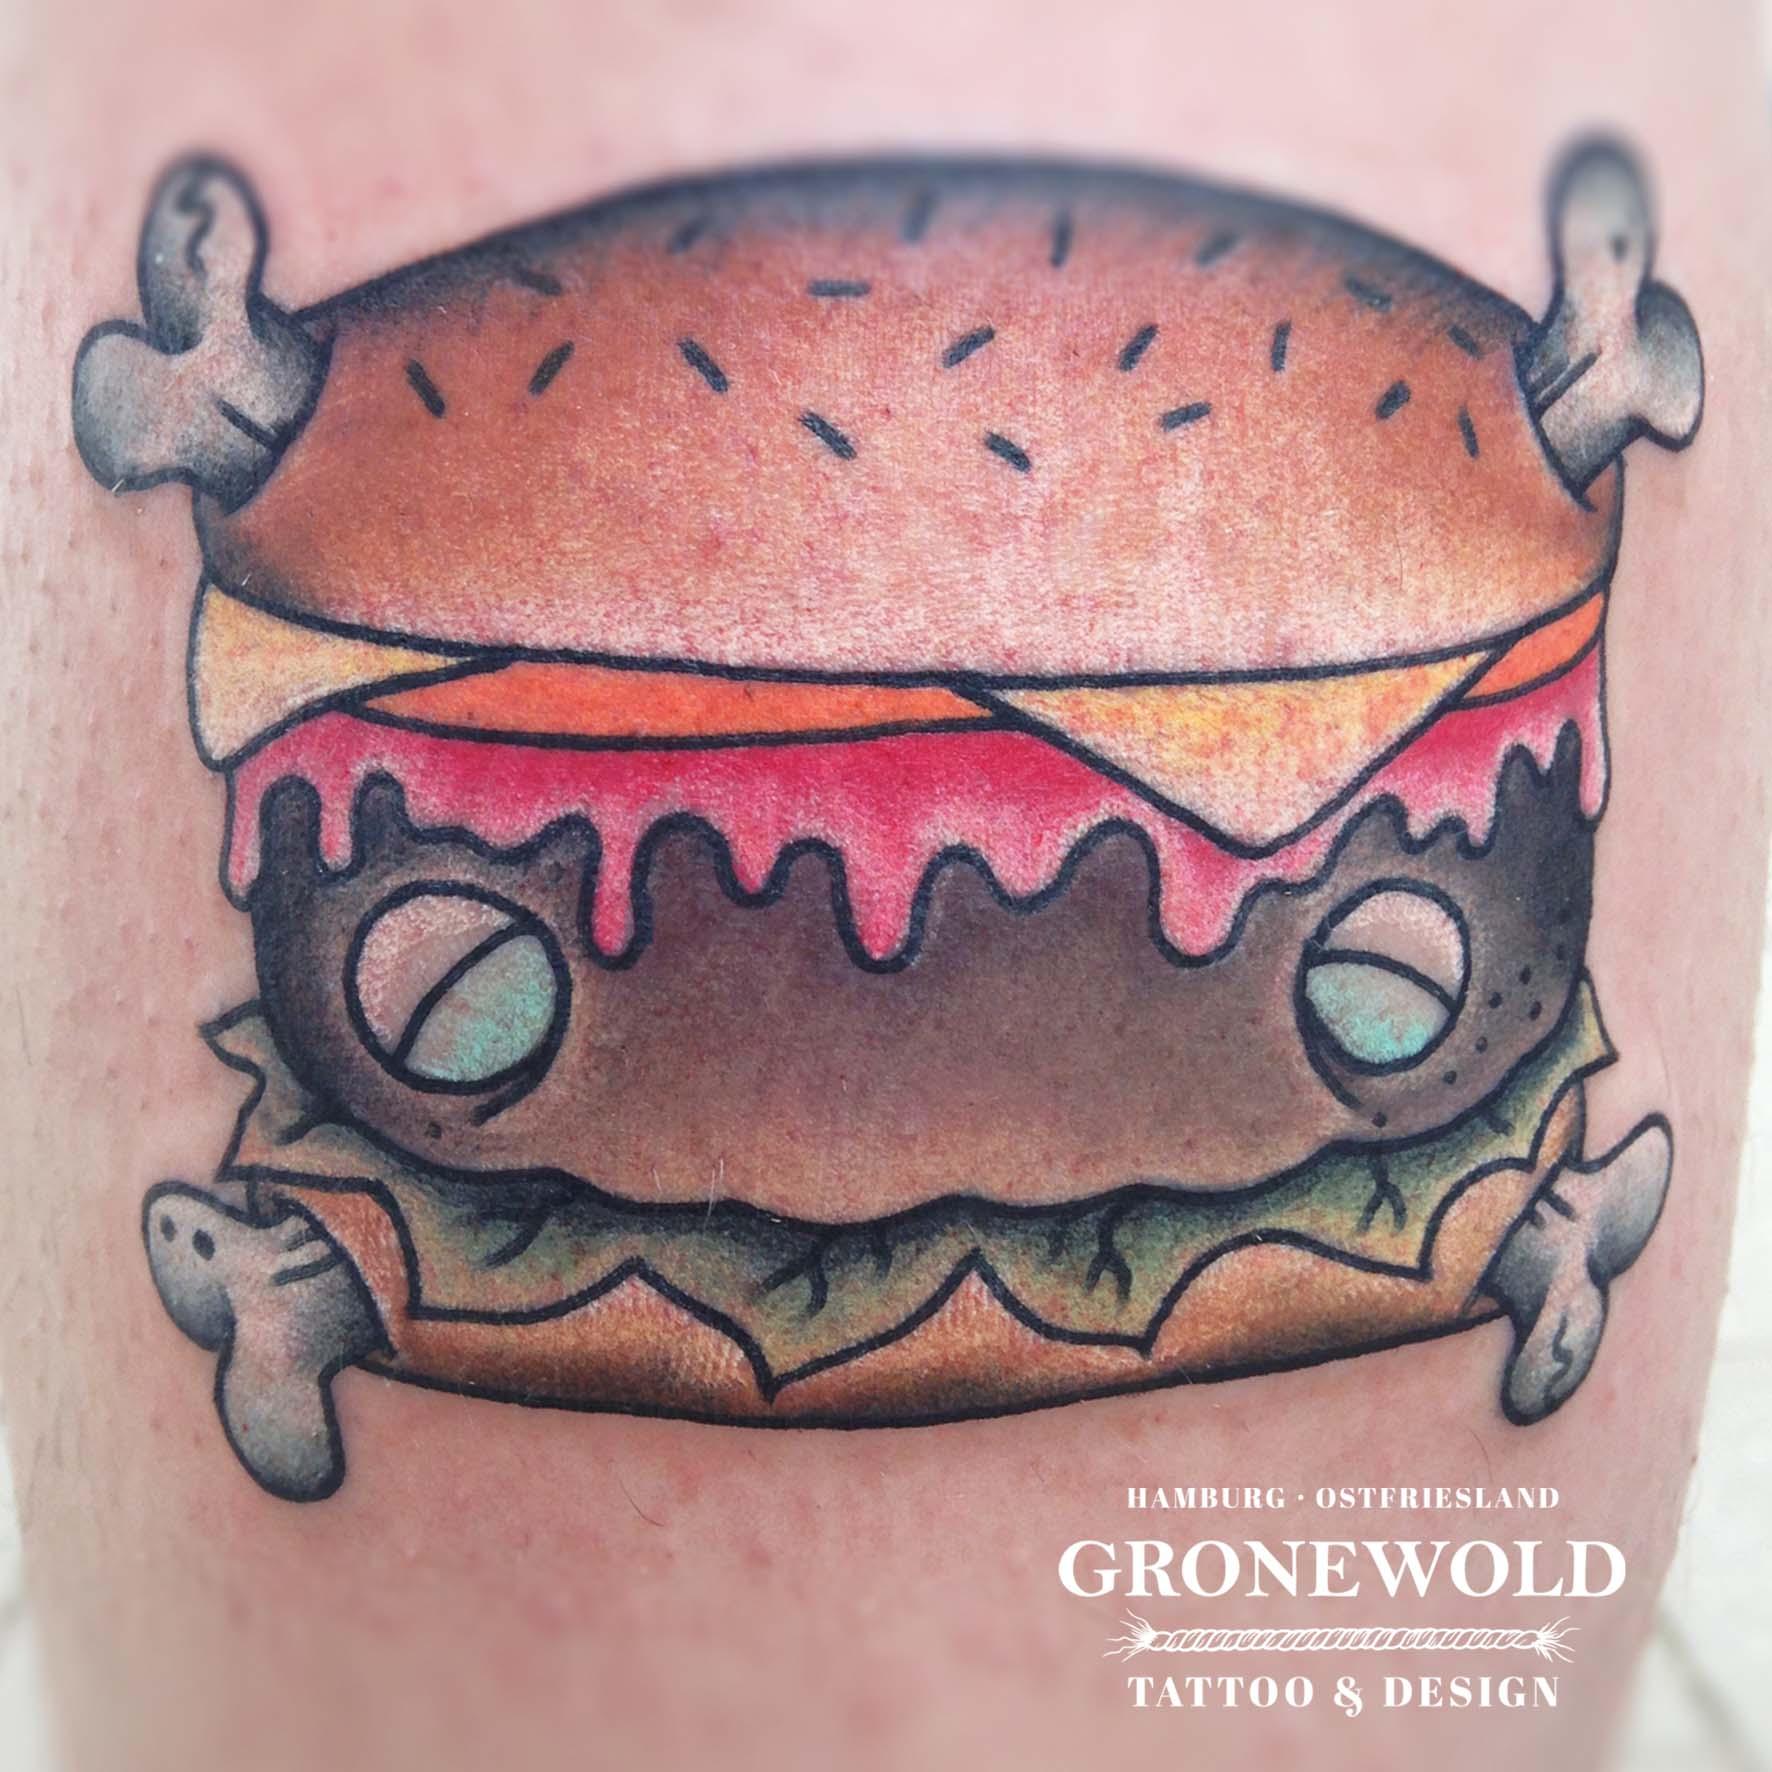 cgtattoo_quadra_150dpi_rgb_burger